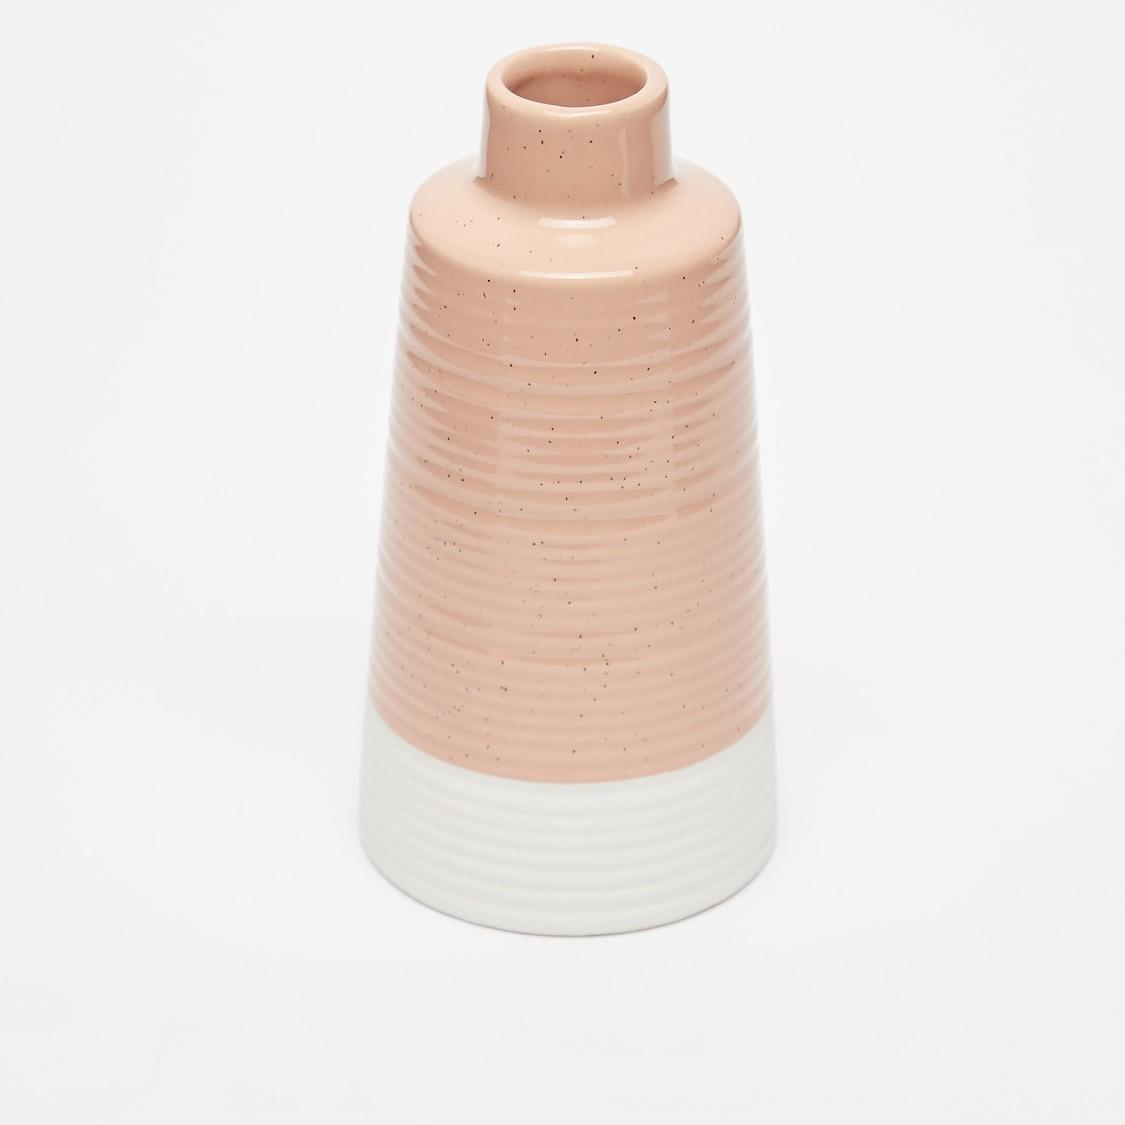 مزهرية سيراميك مزينة بتصميم قوالب ملونة - 18x9 سم